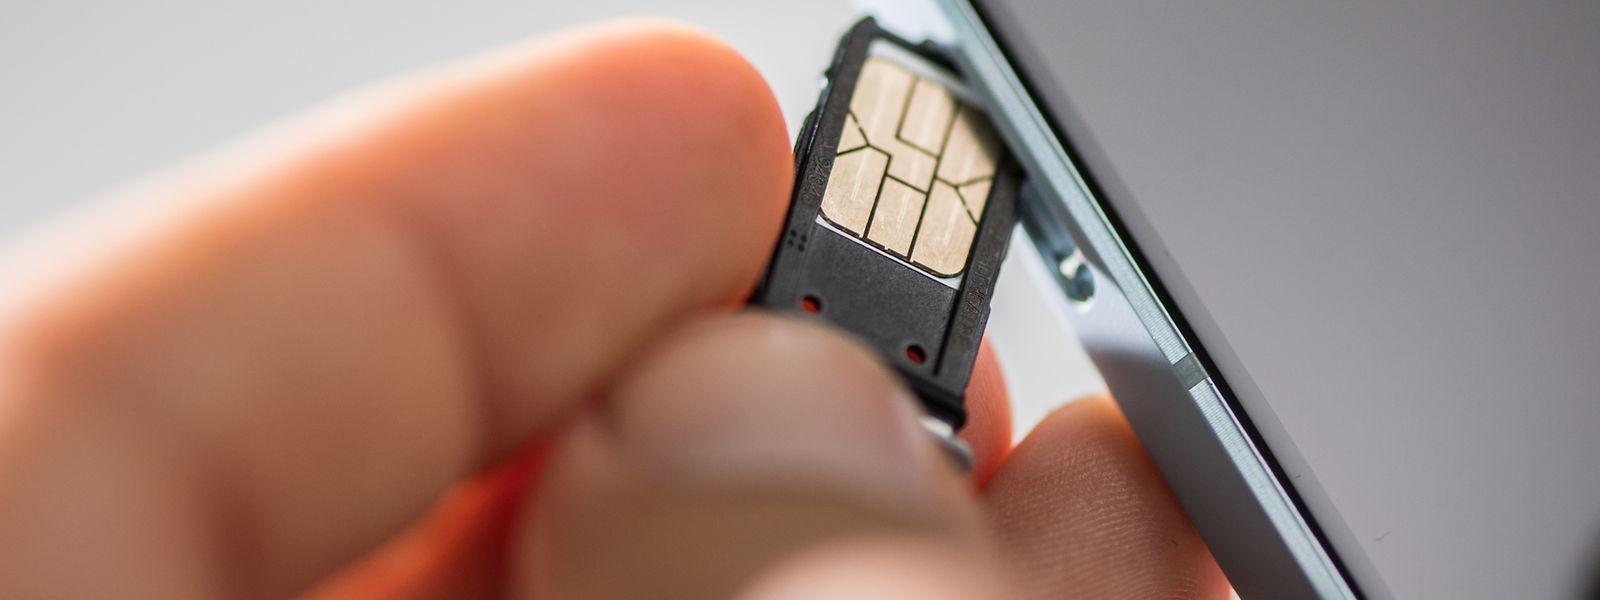 Über die Jahre sind SIM-Karten immer kleiner geworden - und inzwischen als eSIM zum Teil schon fest in Geräten verbaut.